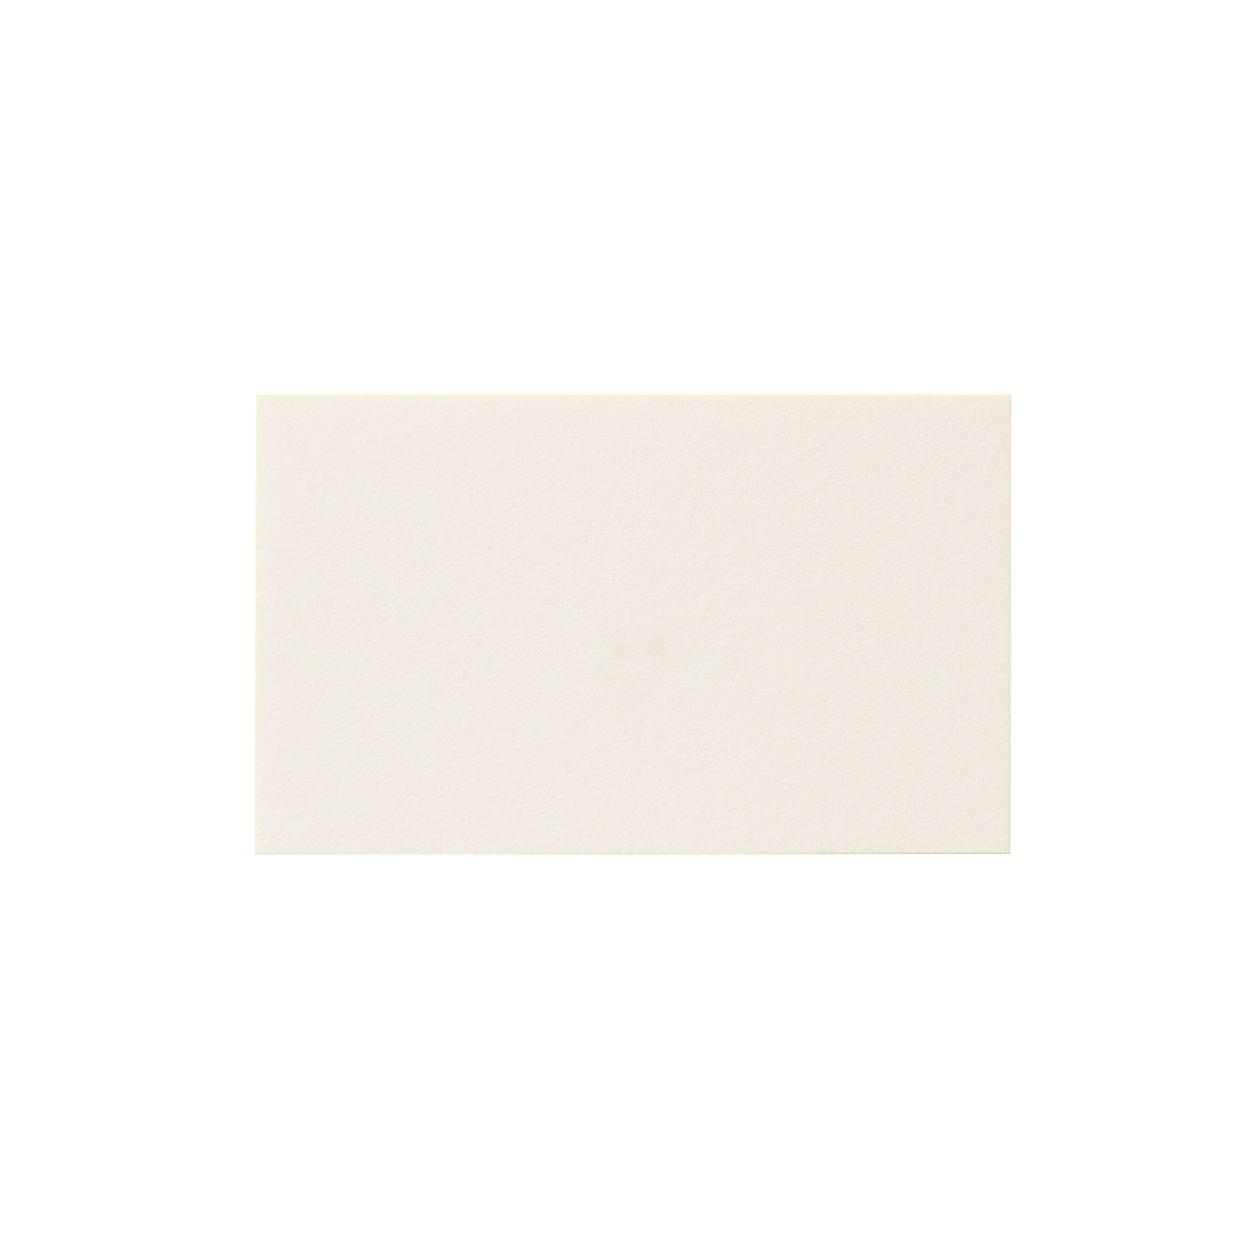 ネームカード エッジカラー 蛍光イエロー 348.8g